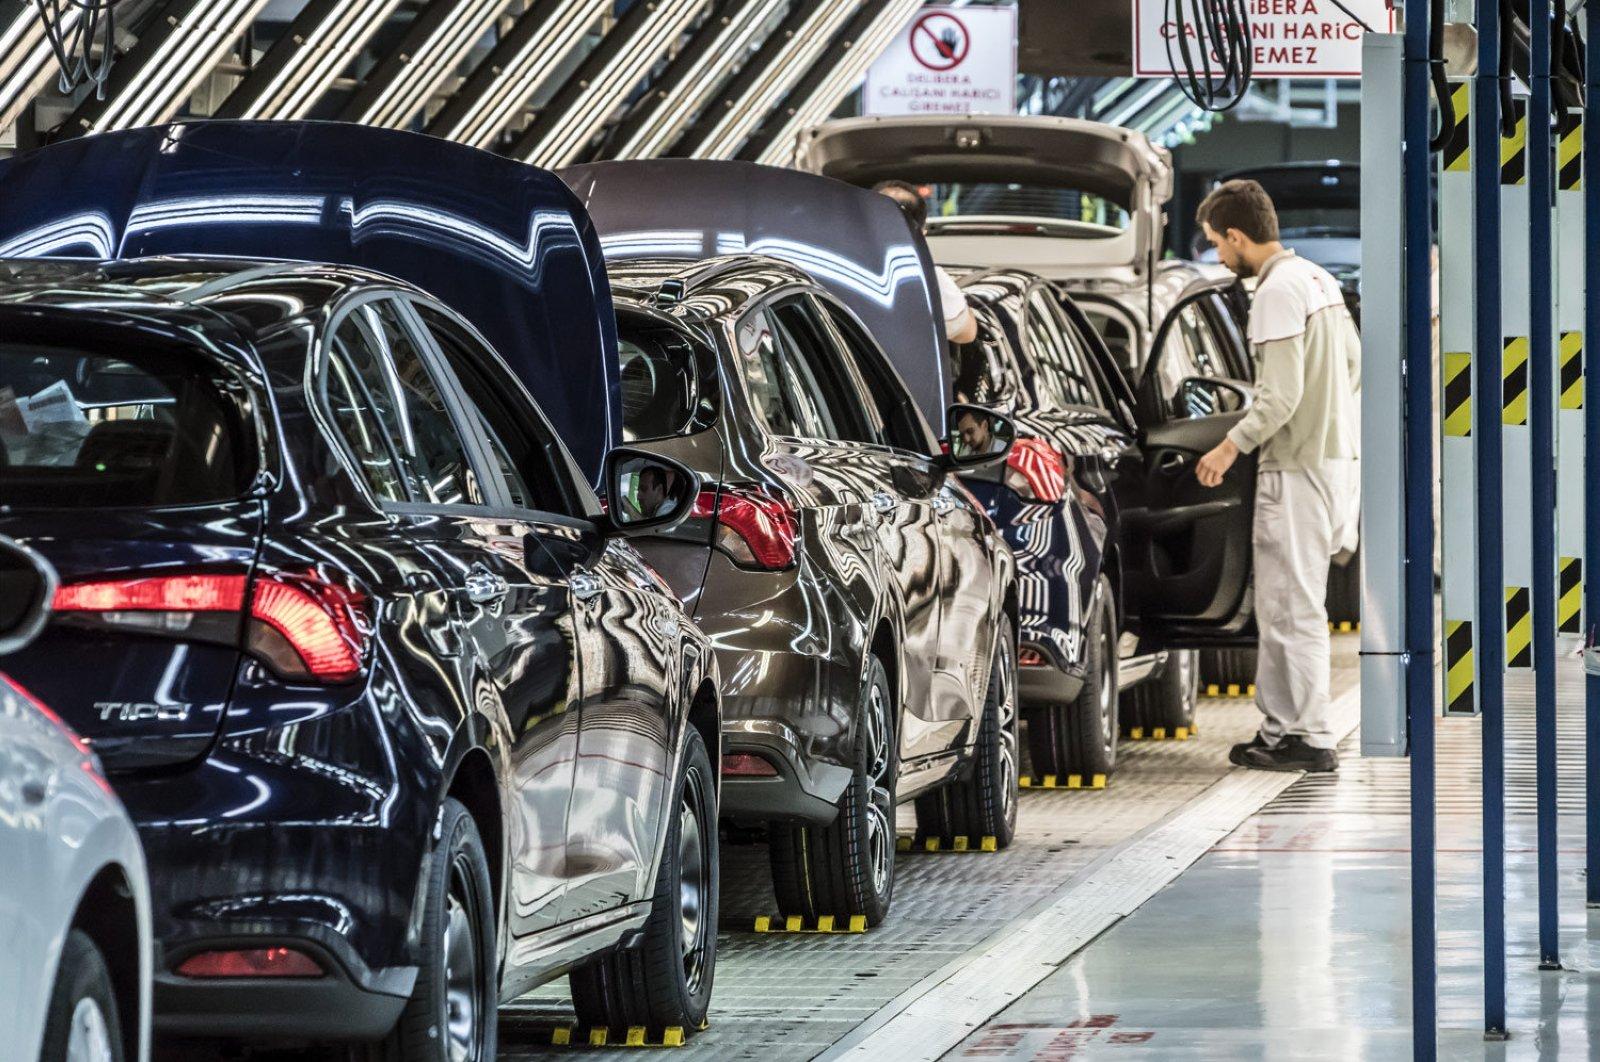 Les constructeurs automobiles turcs relancent leur production